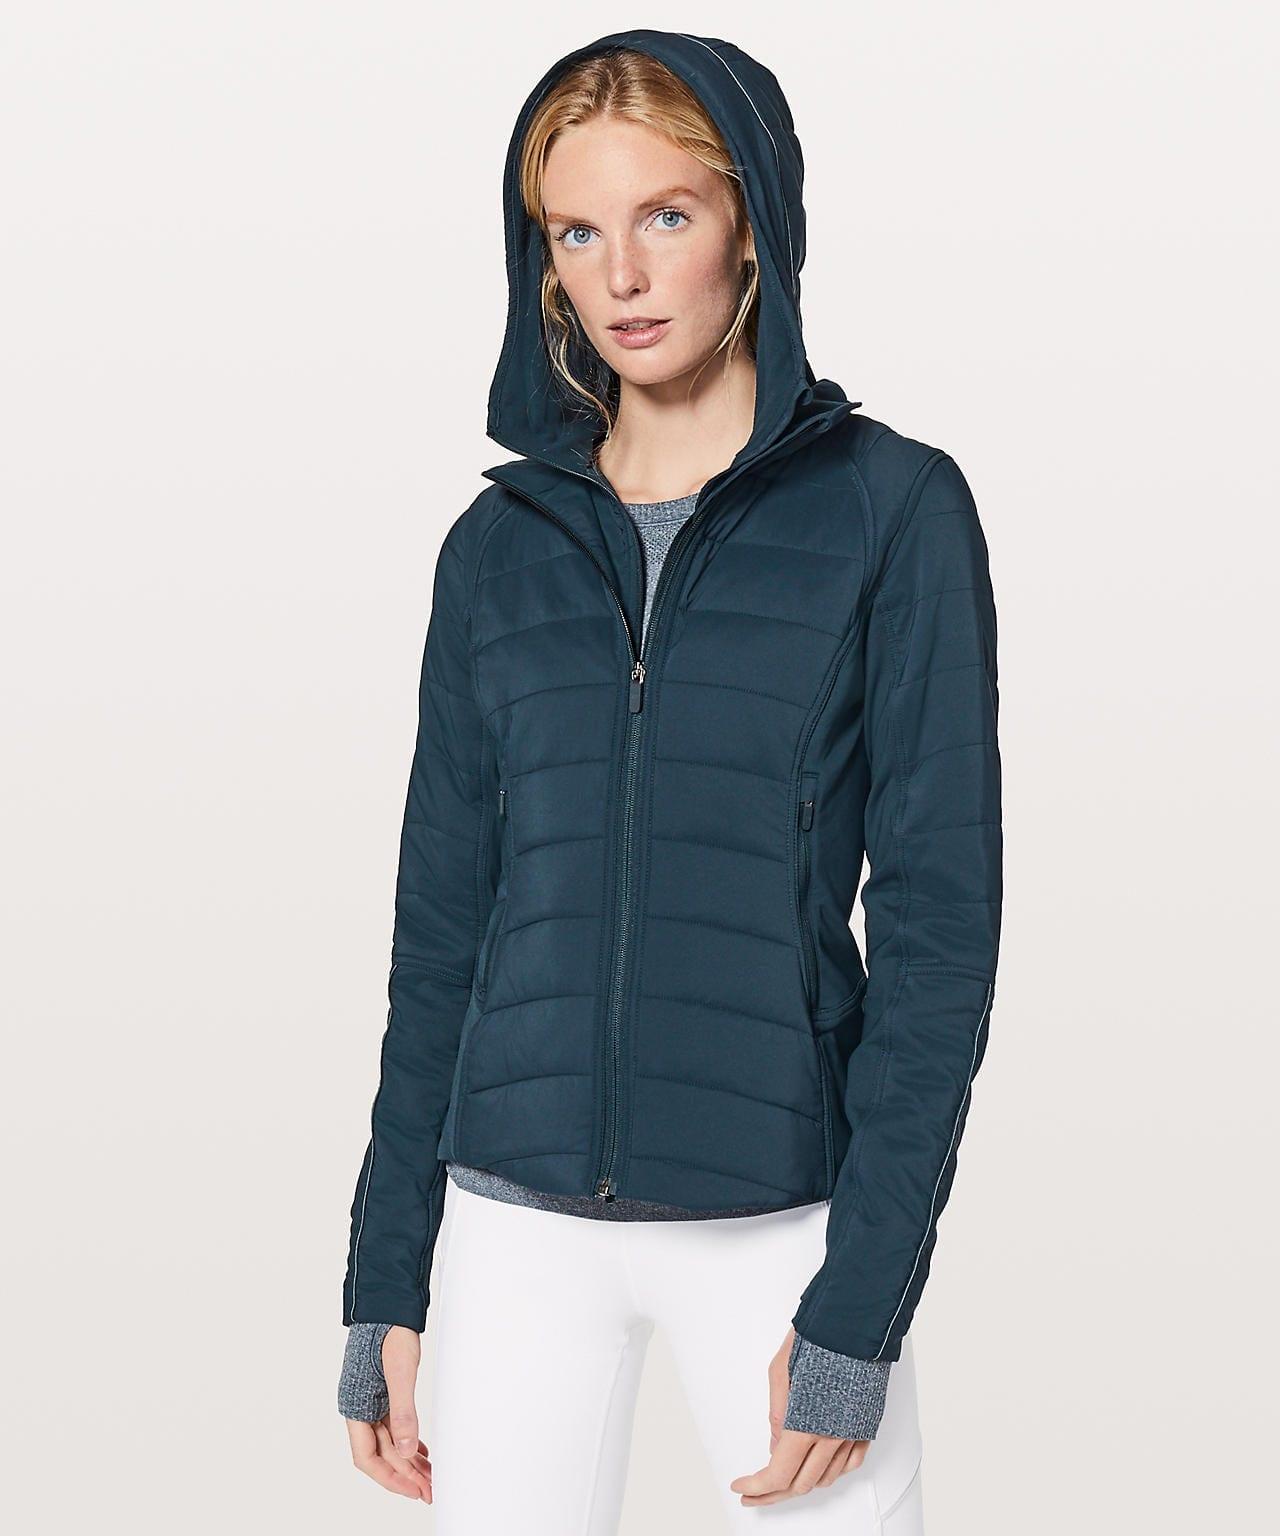 Extra Mile Jacket, Lululemon